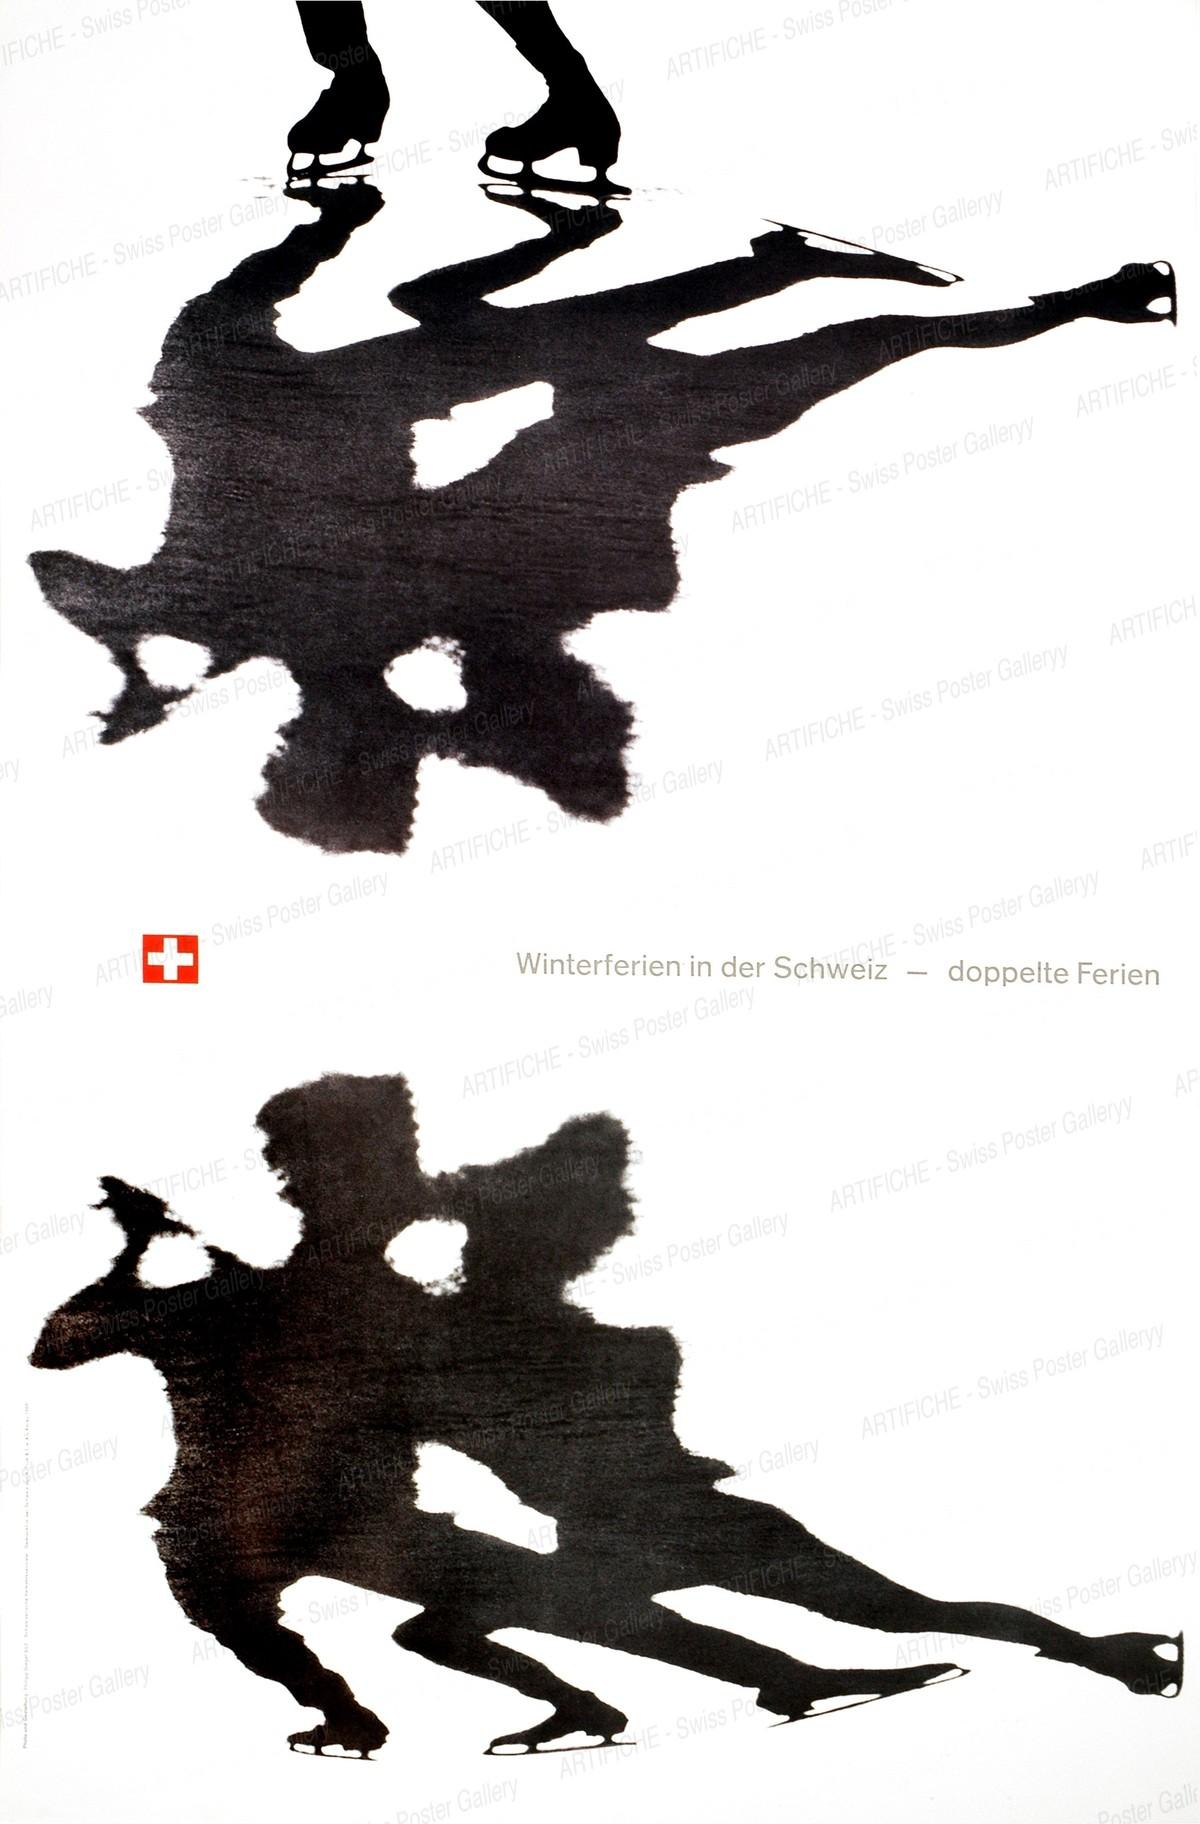 Winter – Schweizerische Vekehrszentrale – Winterferien in der Schweiz, Philipp Giegel